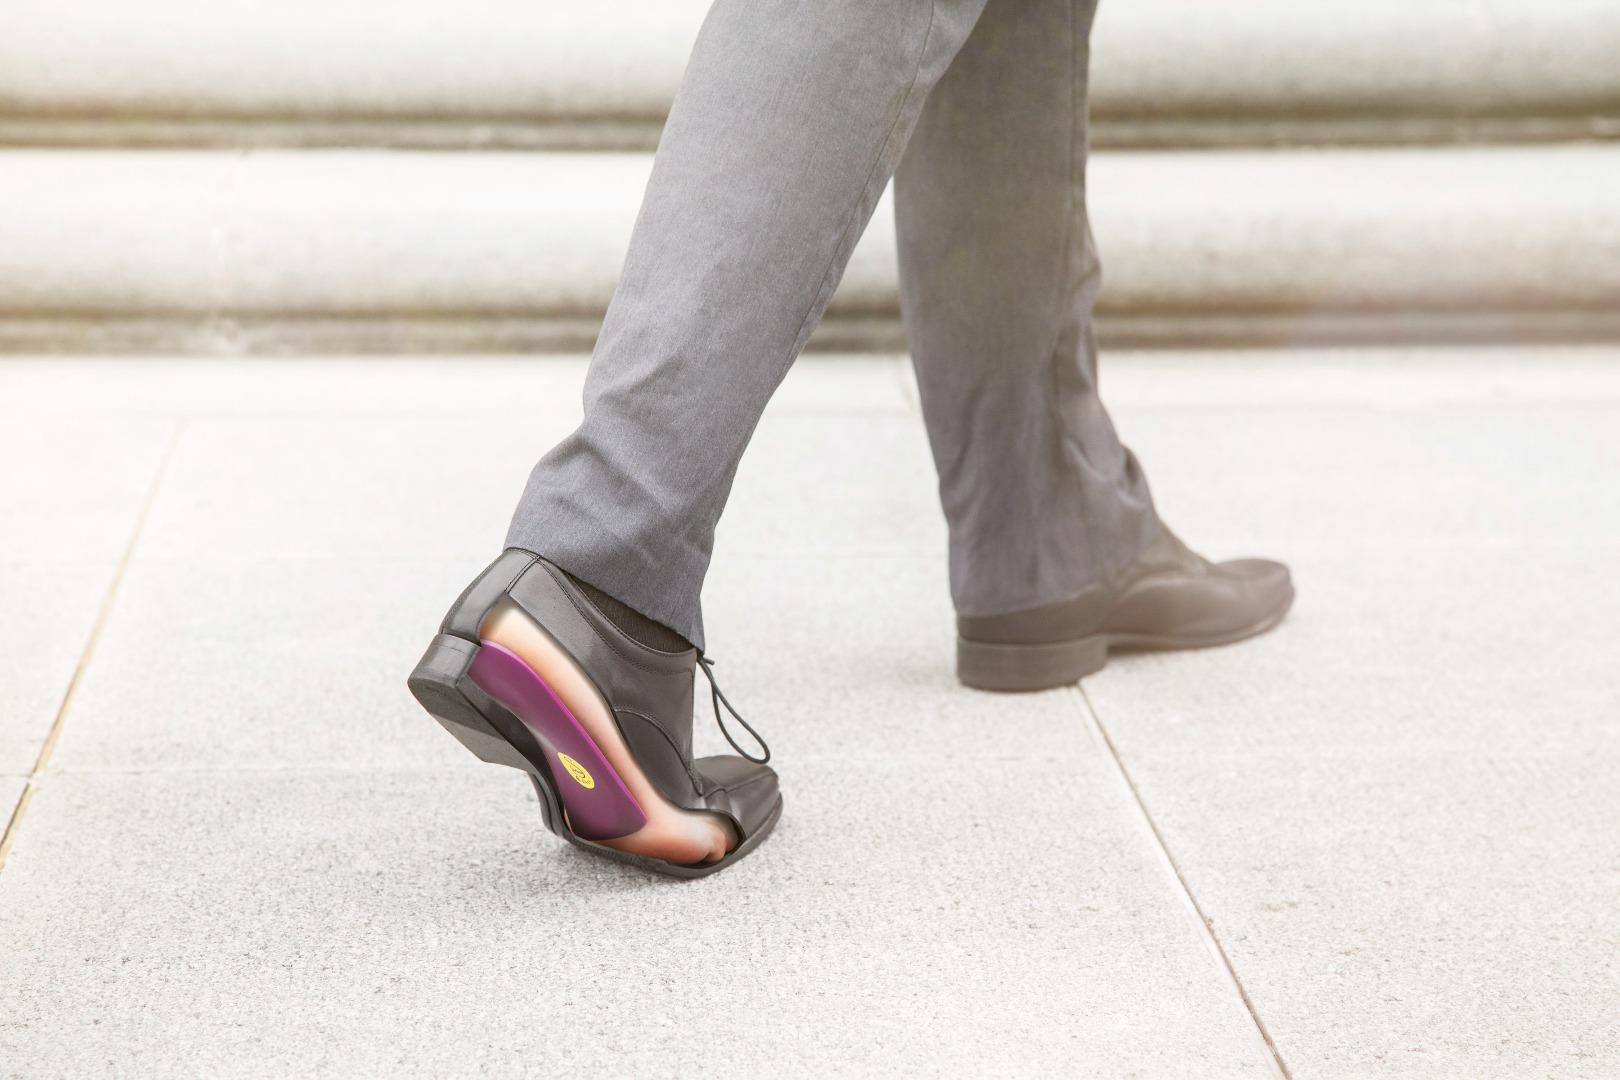 flat-feet-orthotic